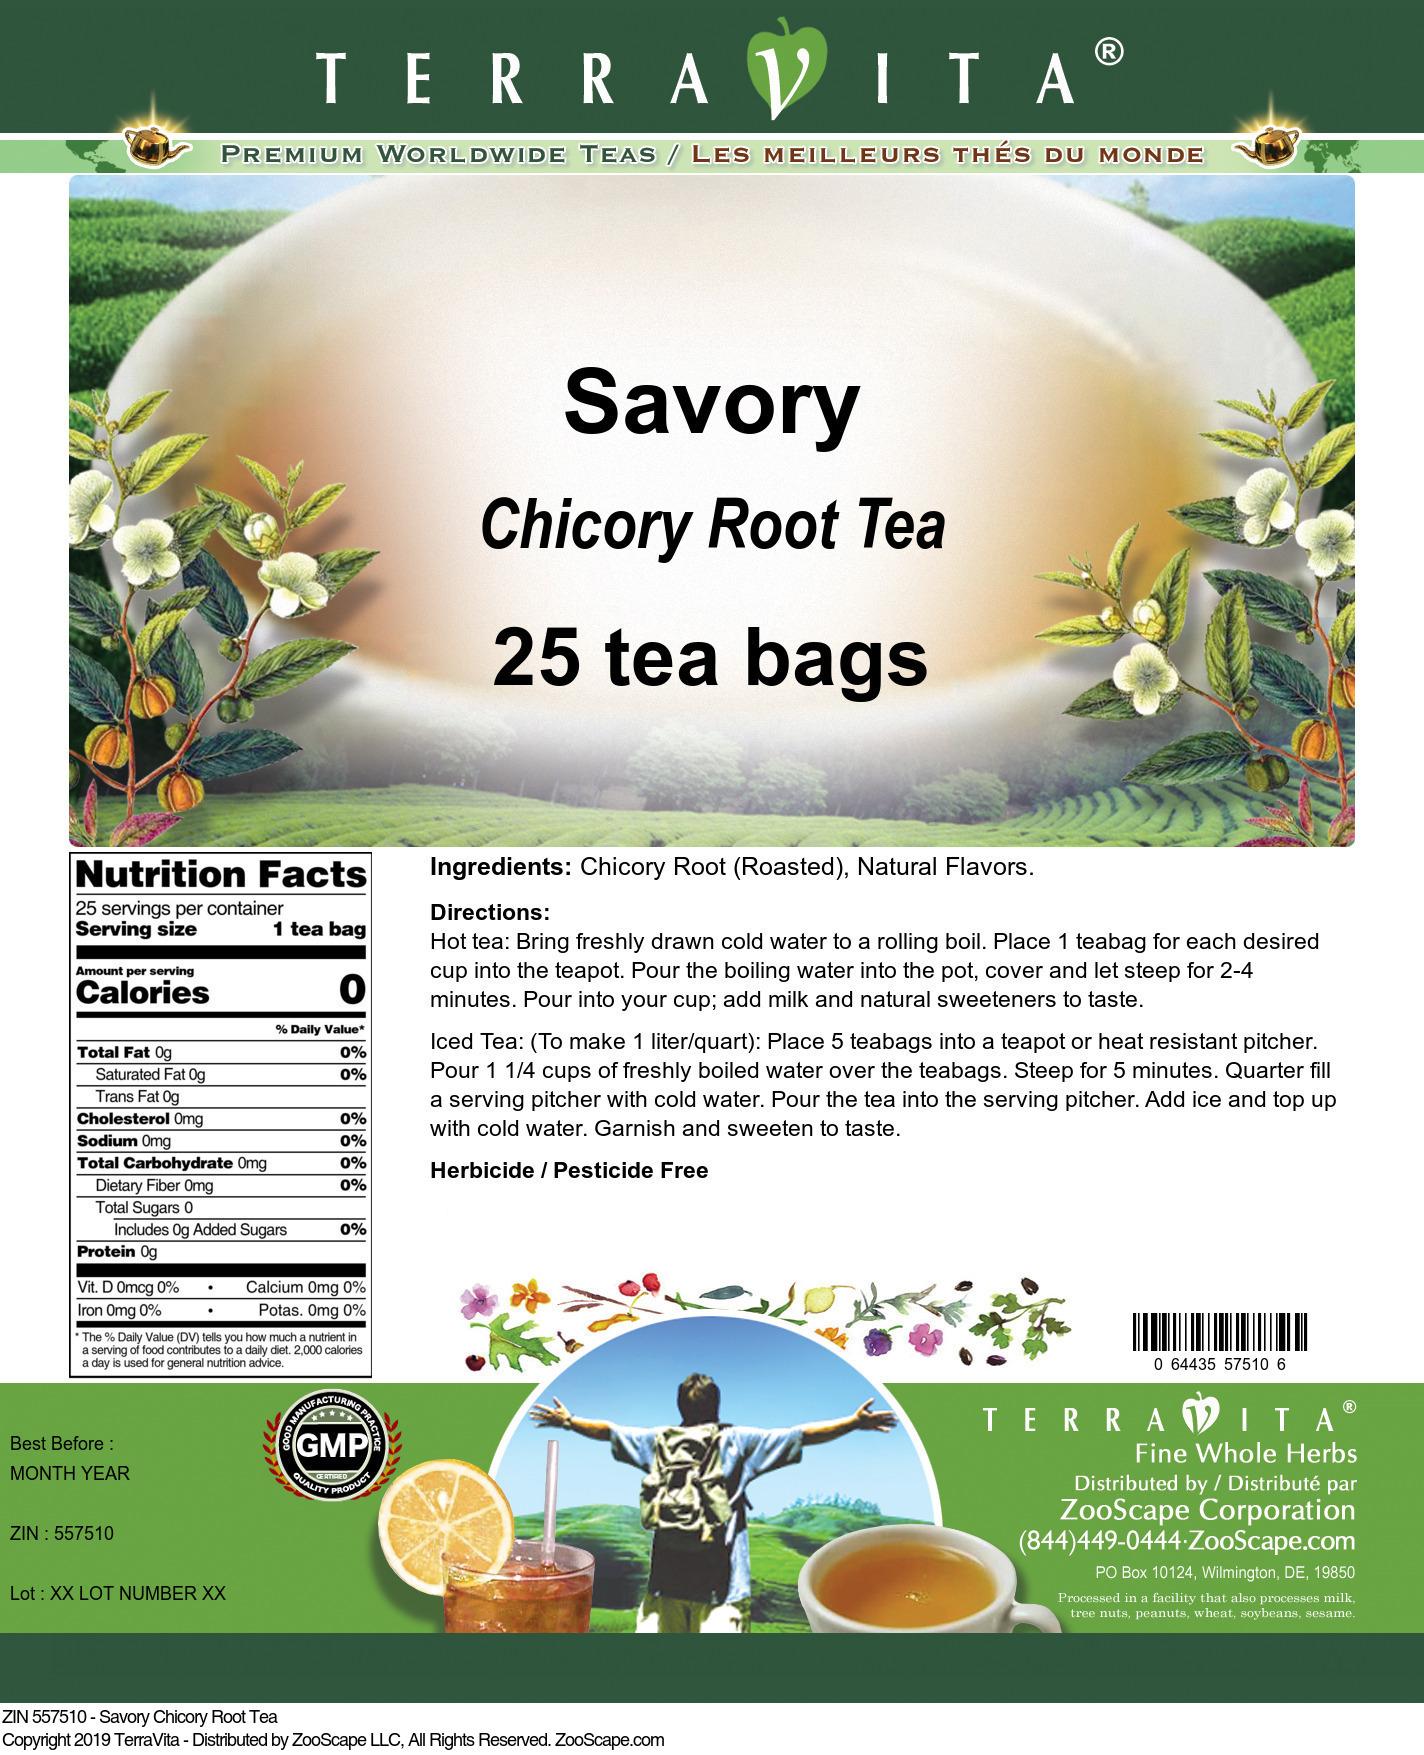 Savory Chicory Root